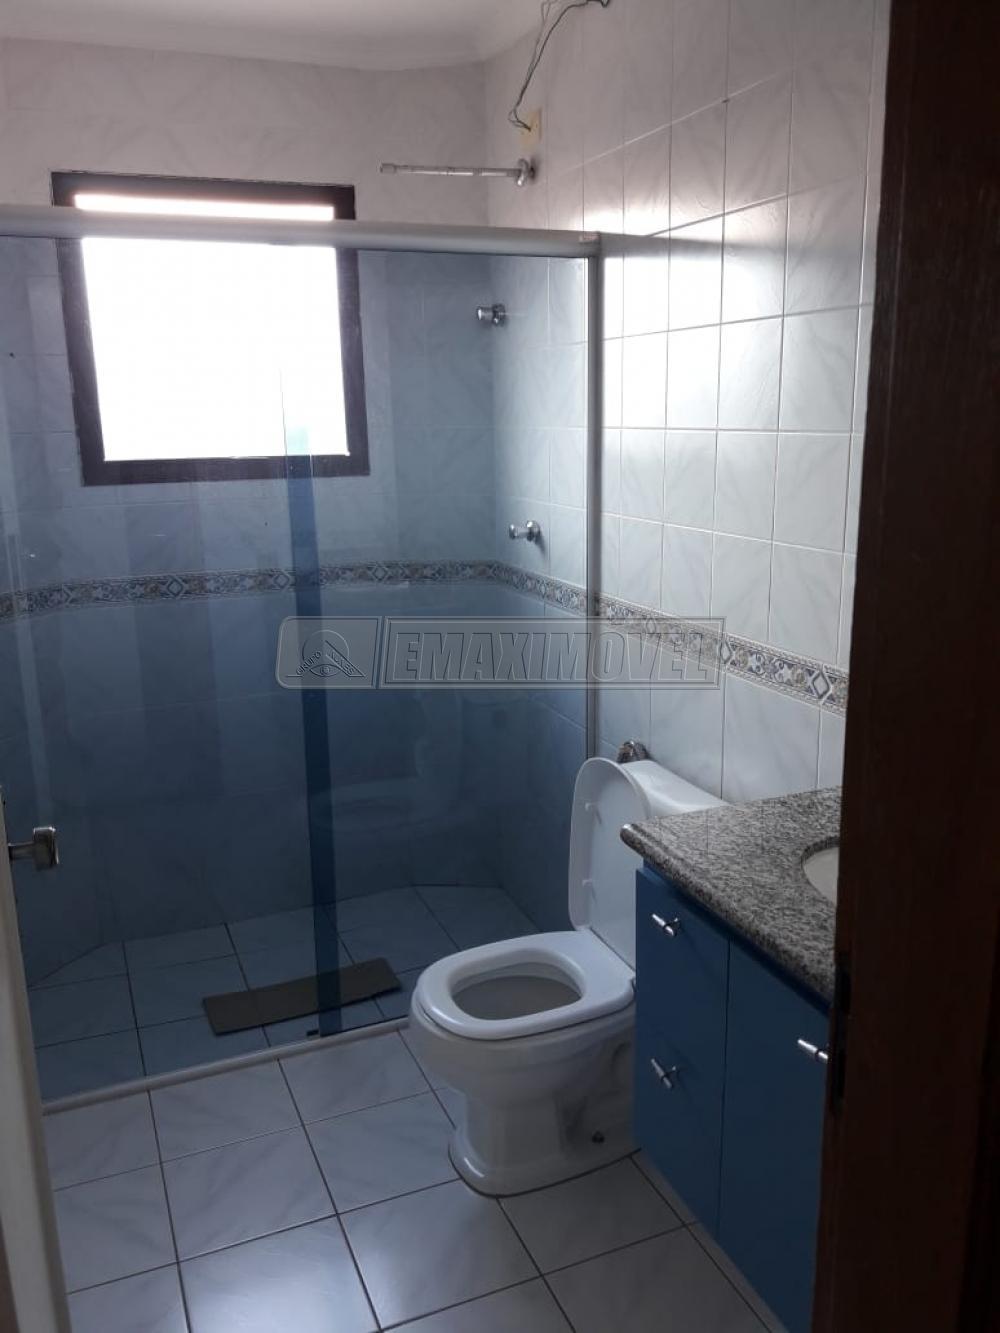 Comprar Apartamento / Padrão em Sorocaba R$ 350.000,00 - Foto 8